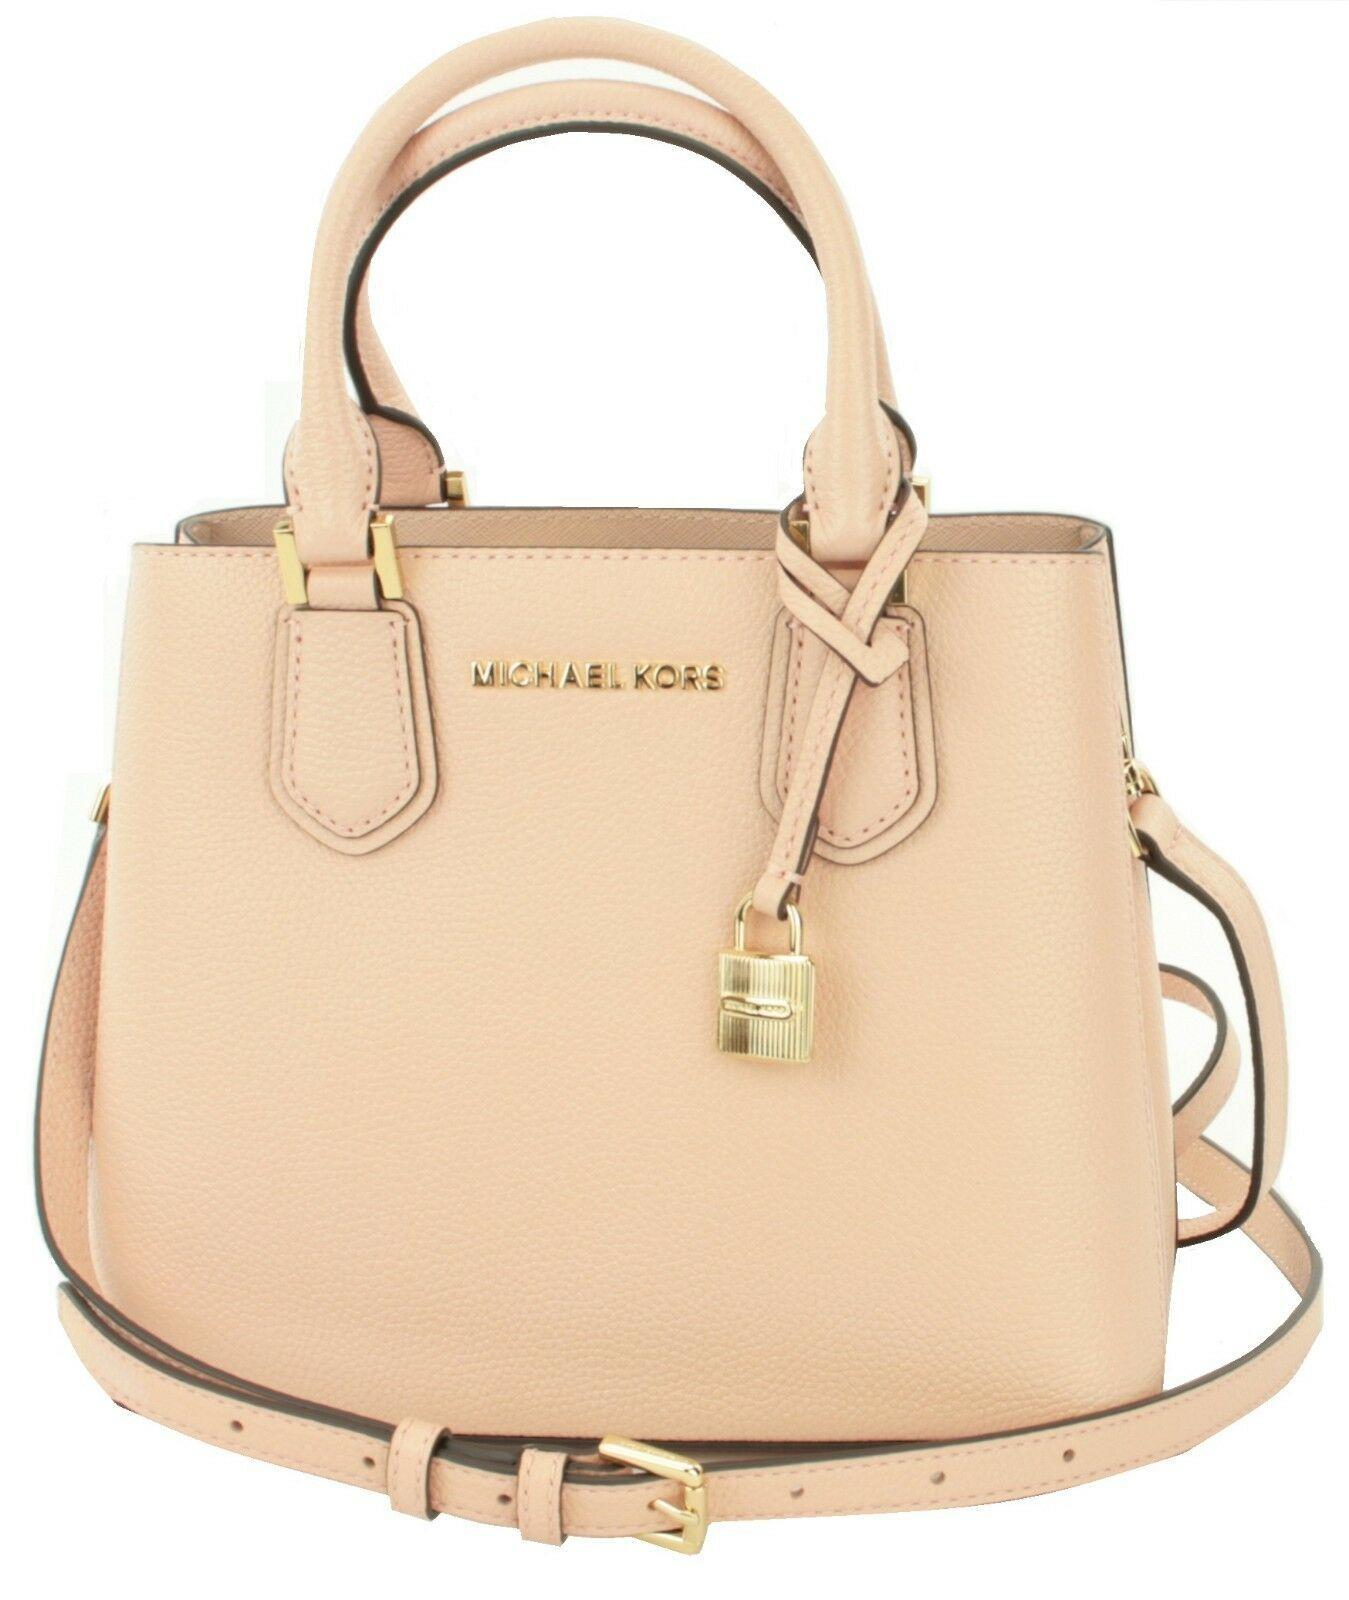 Michael Kors Adele Pastel Pink Leather Shoulder Messenger Bag Handbag